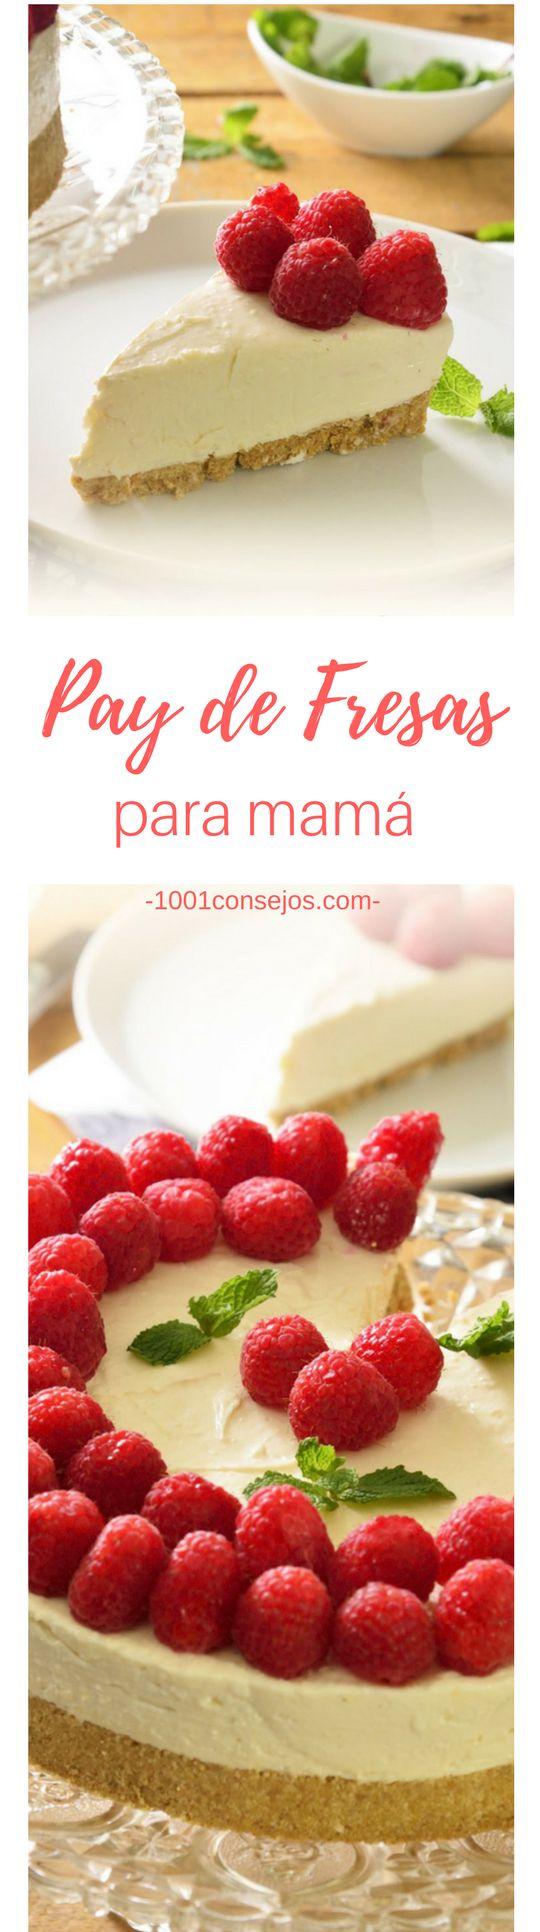 Sorprende a mamá con este pastel de queso, no te preocupes, ¡es muy fácil de preparar! | pastel para día de las madres | pastel de queso con fresas | pay de queso con fresas sin hornear. | #postres #díadelasmadres